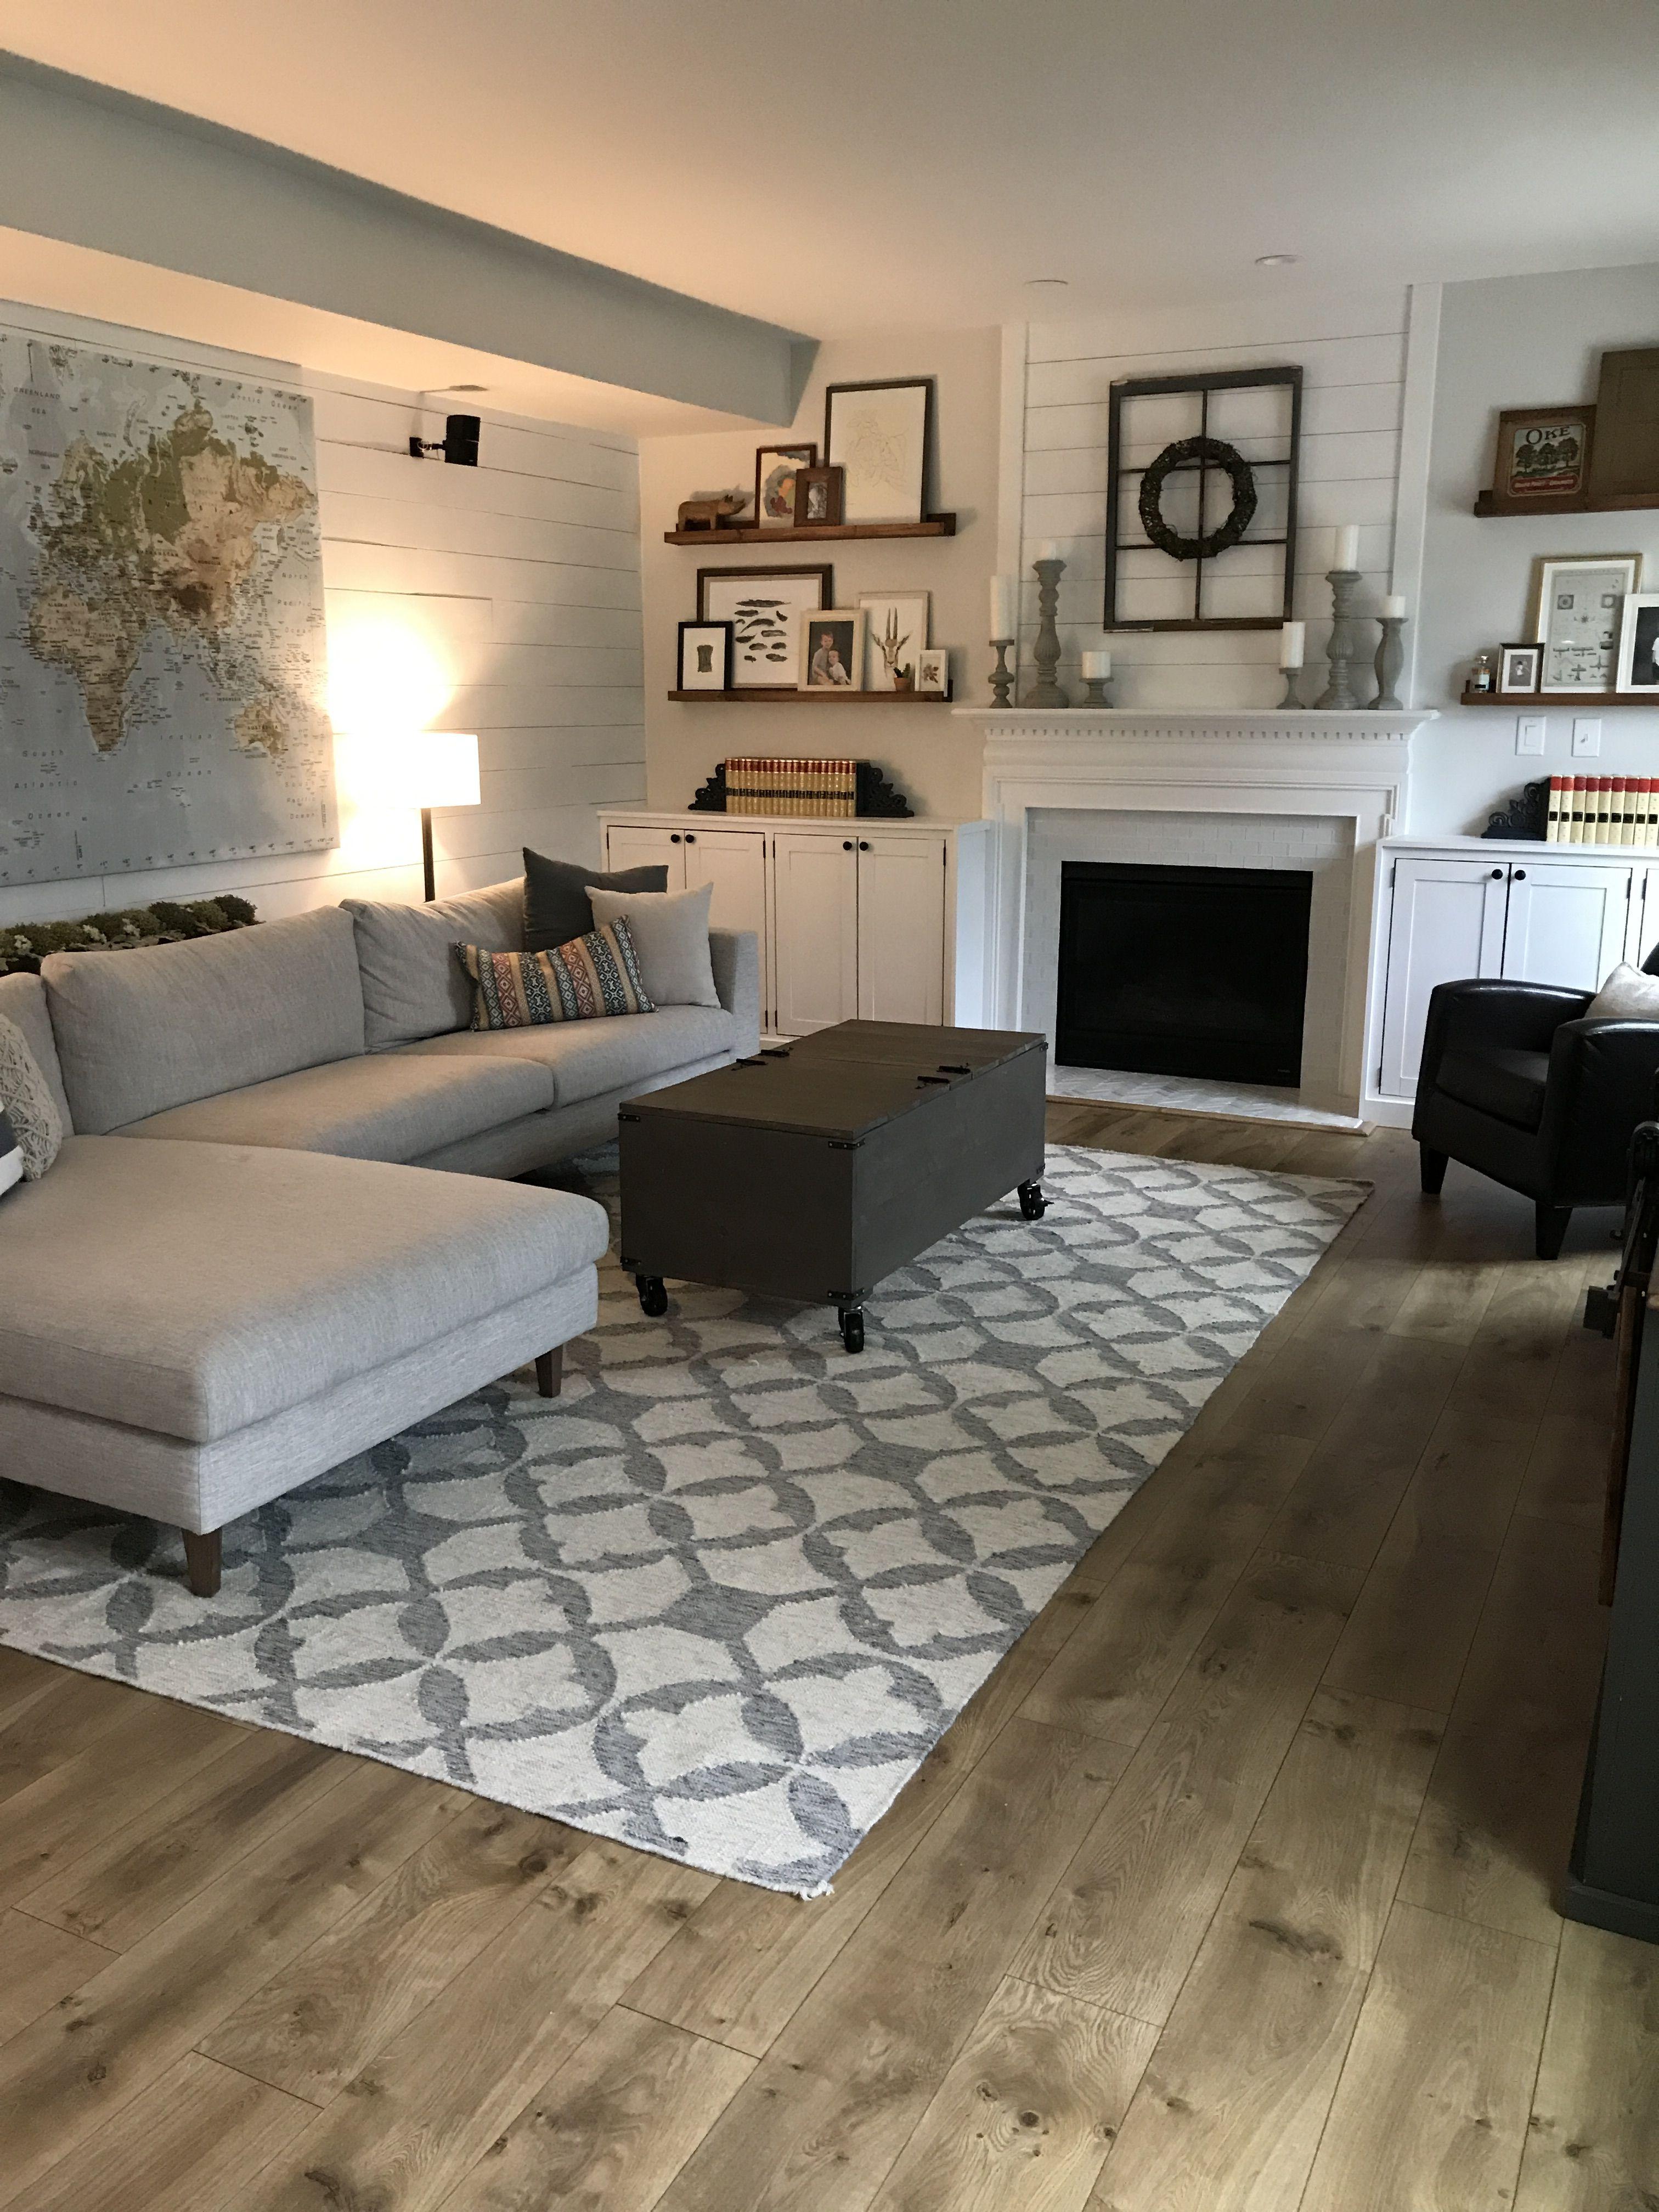 Living Room FINAL REVEAL | Modern farmhouse living room ...